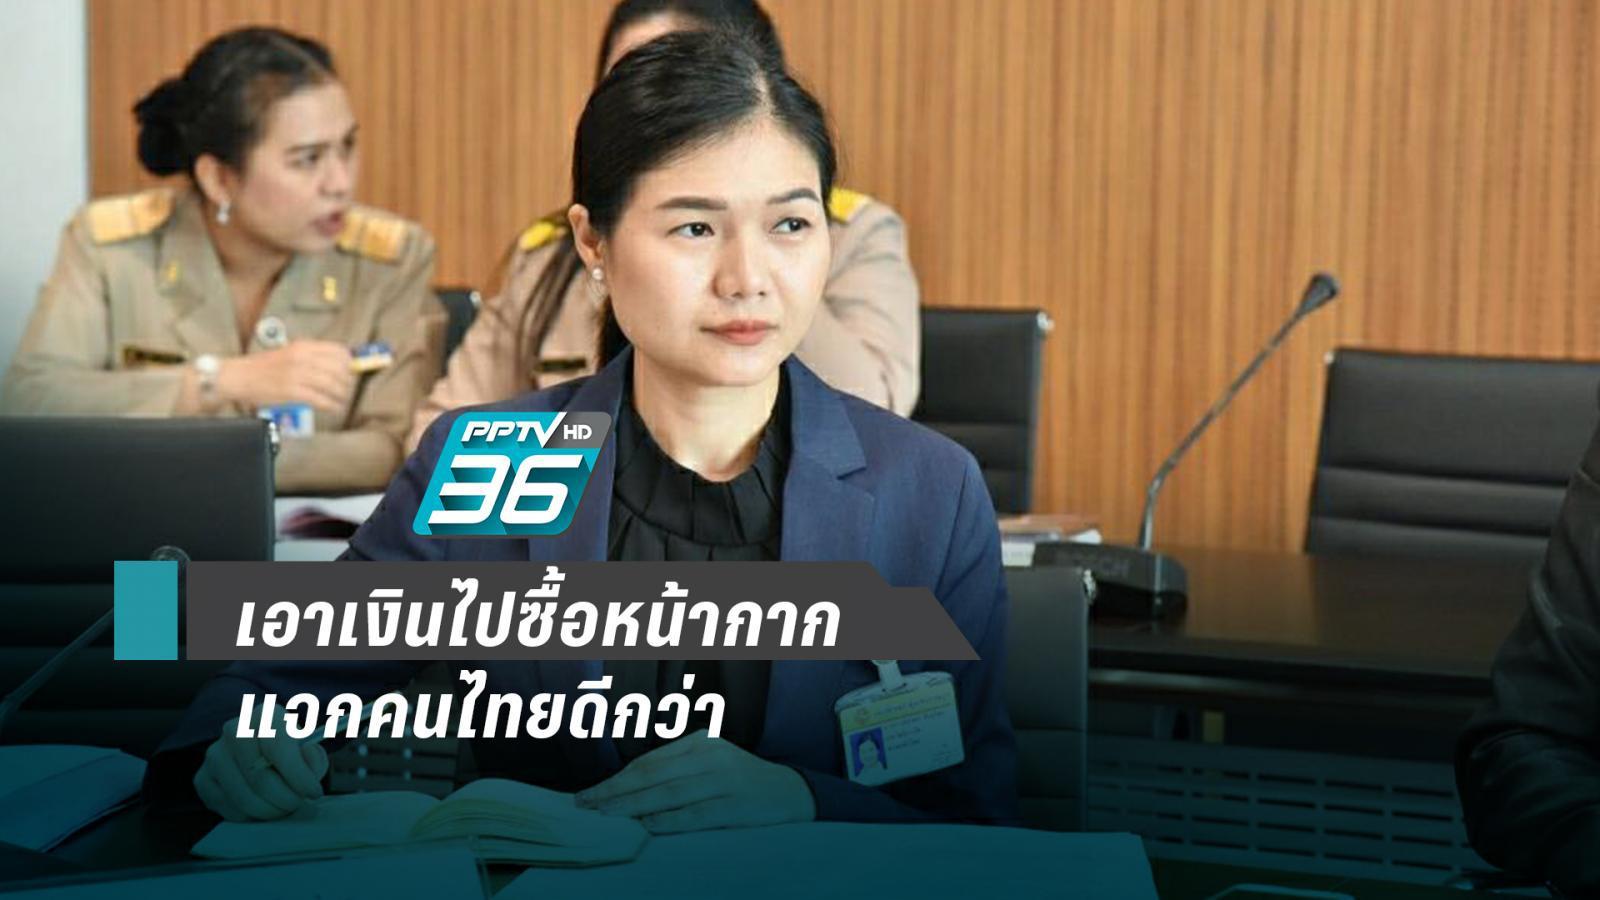 """""""เพื่อไทย"""" ซัด รบ.แจกเงินต่างชาติเที่ยว แต่ไม่มีเงินซื้อหน้ากากแจกคนไทย"""